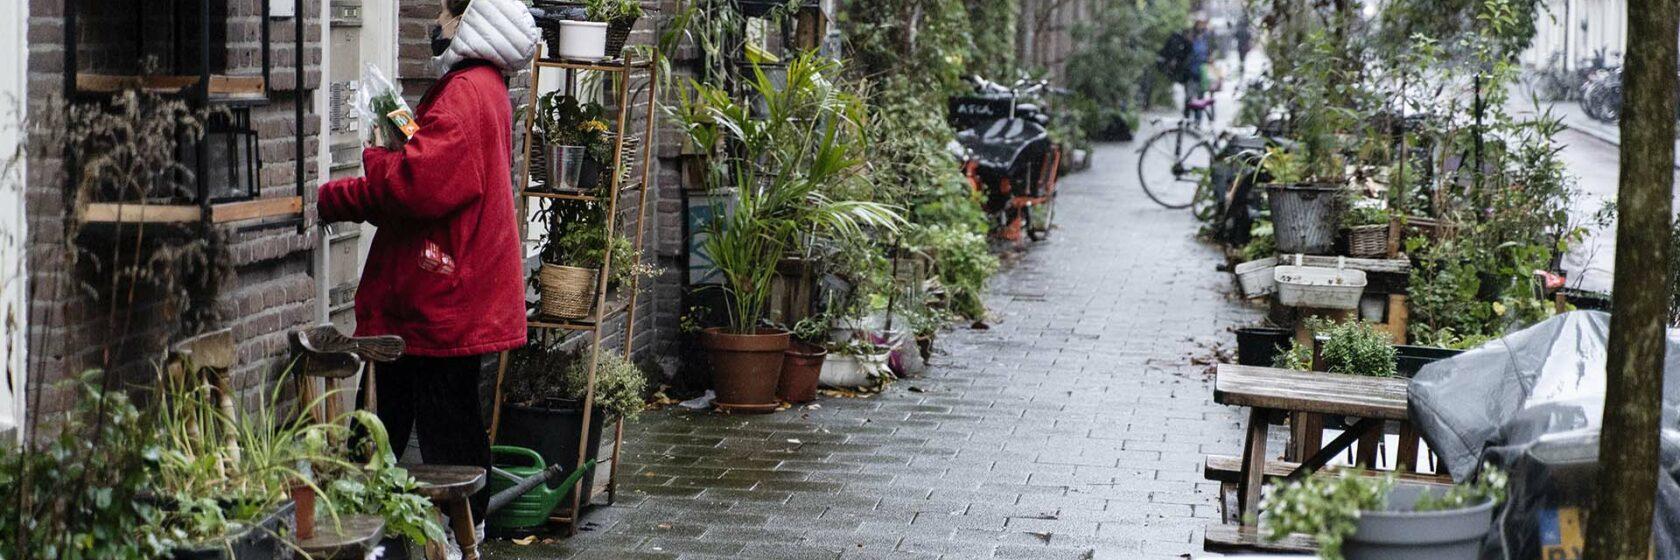 stadwijk met veel beplanting en groen